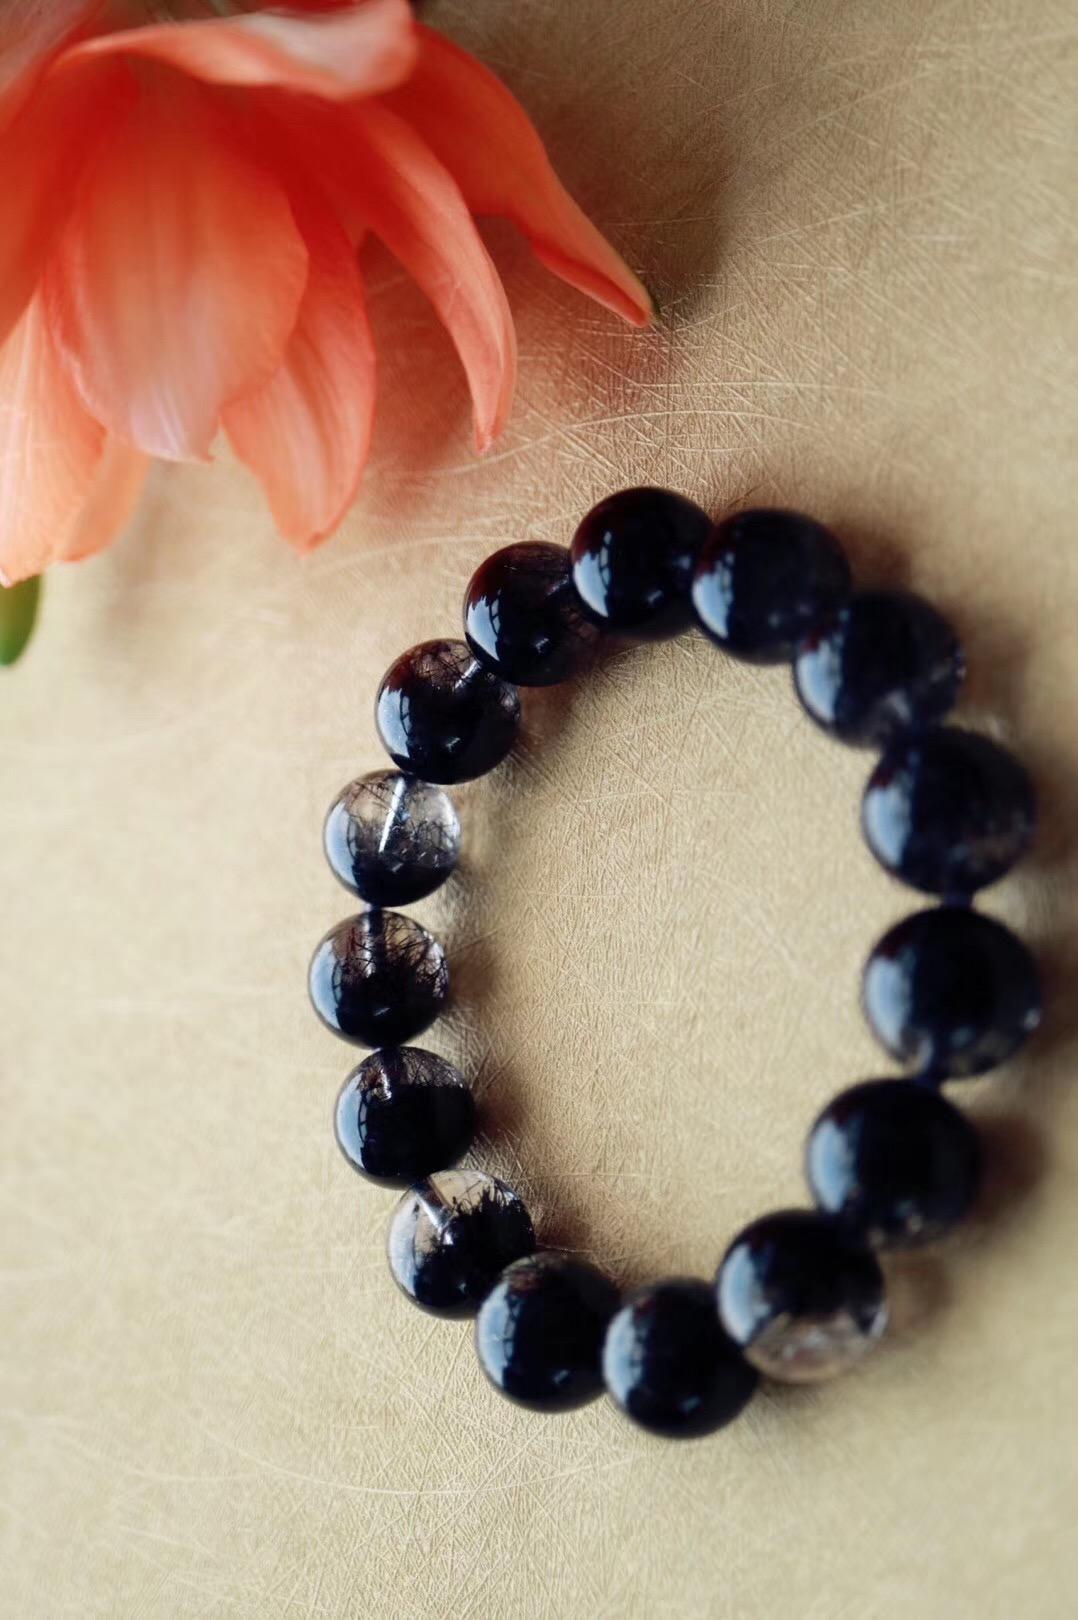 【菩心 | 黑发晶聚宝盆】黑发晶辟邪化煞,可成为有效的护身符-菩心晶舍